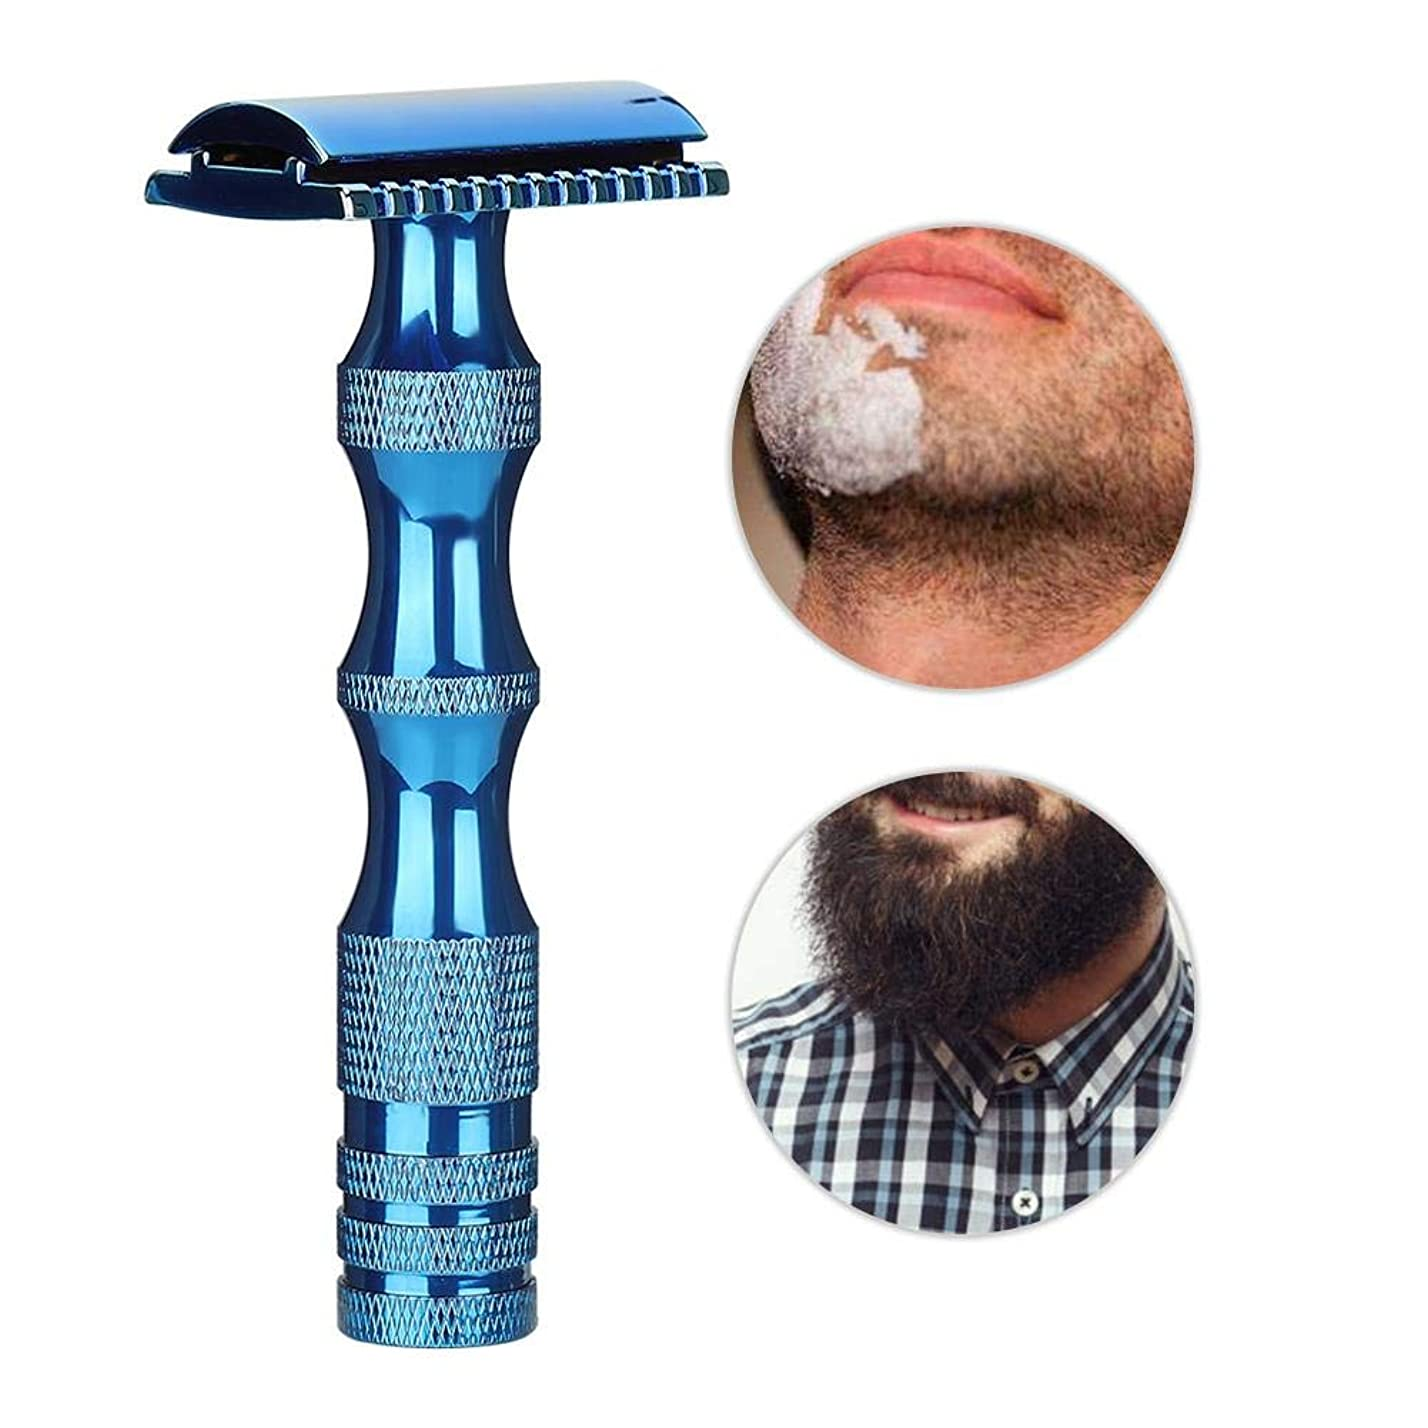 ラメ電話に出るボール安全剃刀、クラシックメンズ滑り止めメタルハンドルデュアルエッジシェーバーヴィンテージスタイルメンズ安全剃刀、スムーズで快適な髭剃り(Blue)